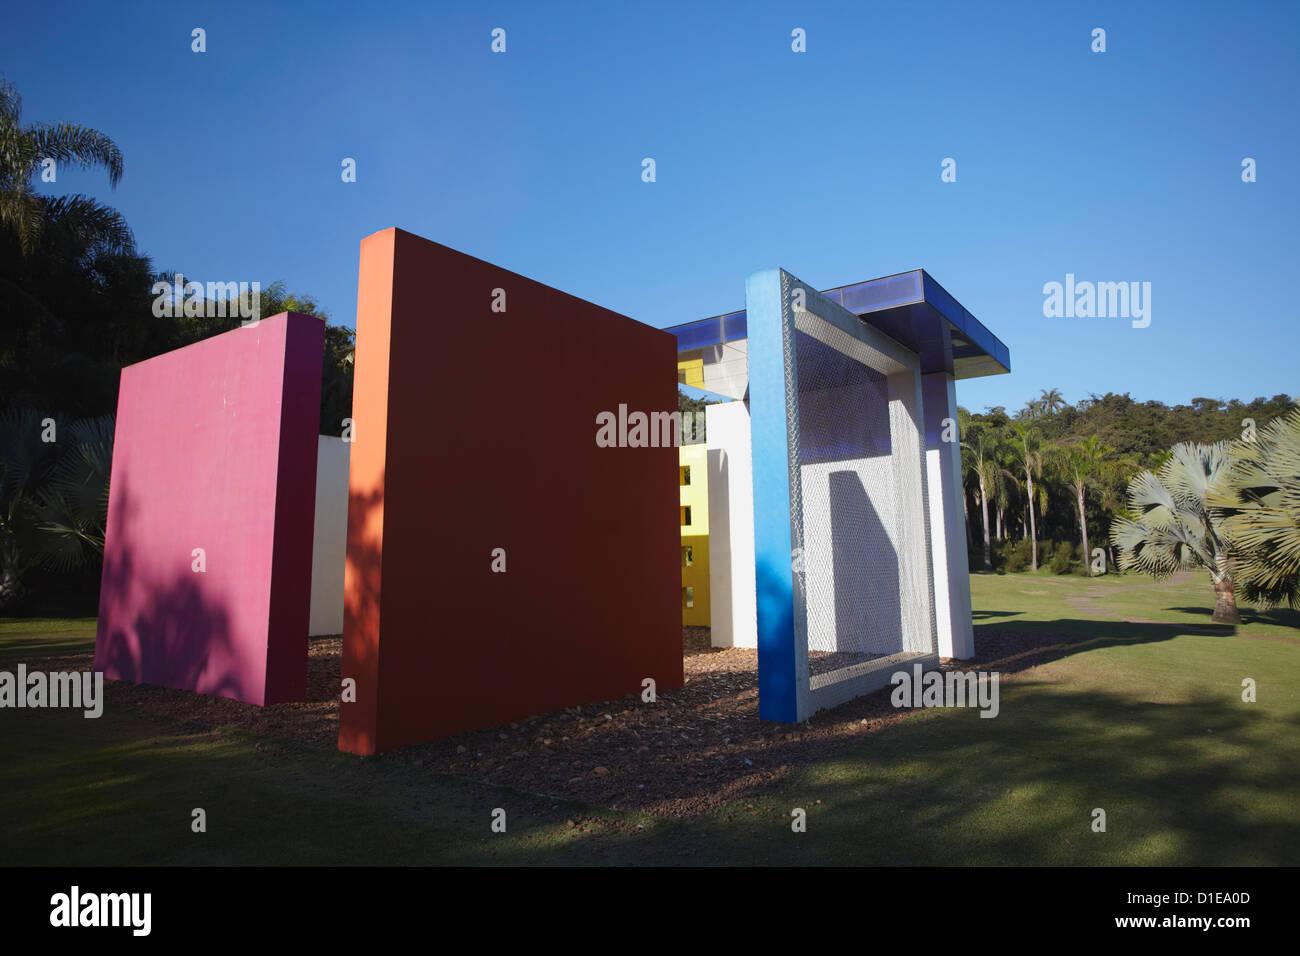 Modern art by Helio Oiticica at Centro de Arte Contemporanea Inhotim, Brumadinho, Belo Horizonte, Minas Gerais, - Stock Image